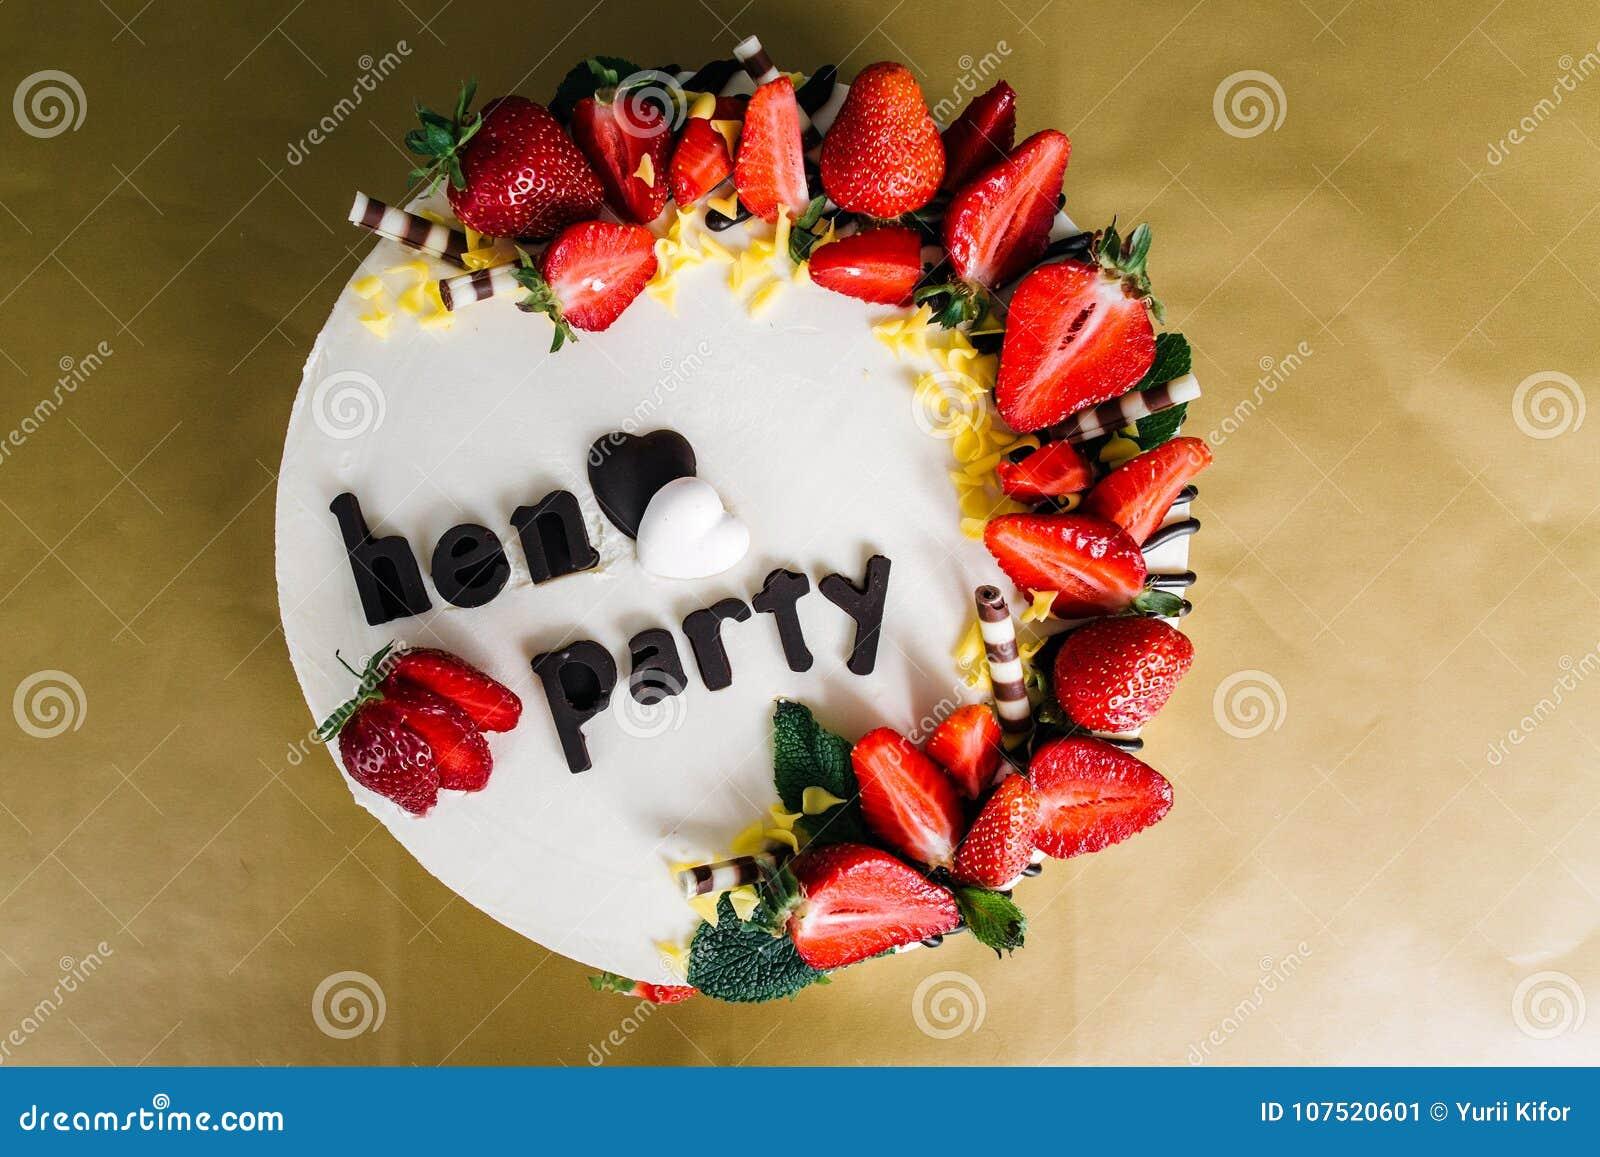 Самый красивый и самый очень вкусный торт Свадьба, день рождения Куриц-партийный